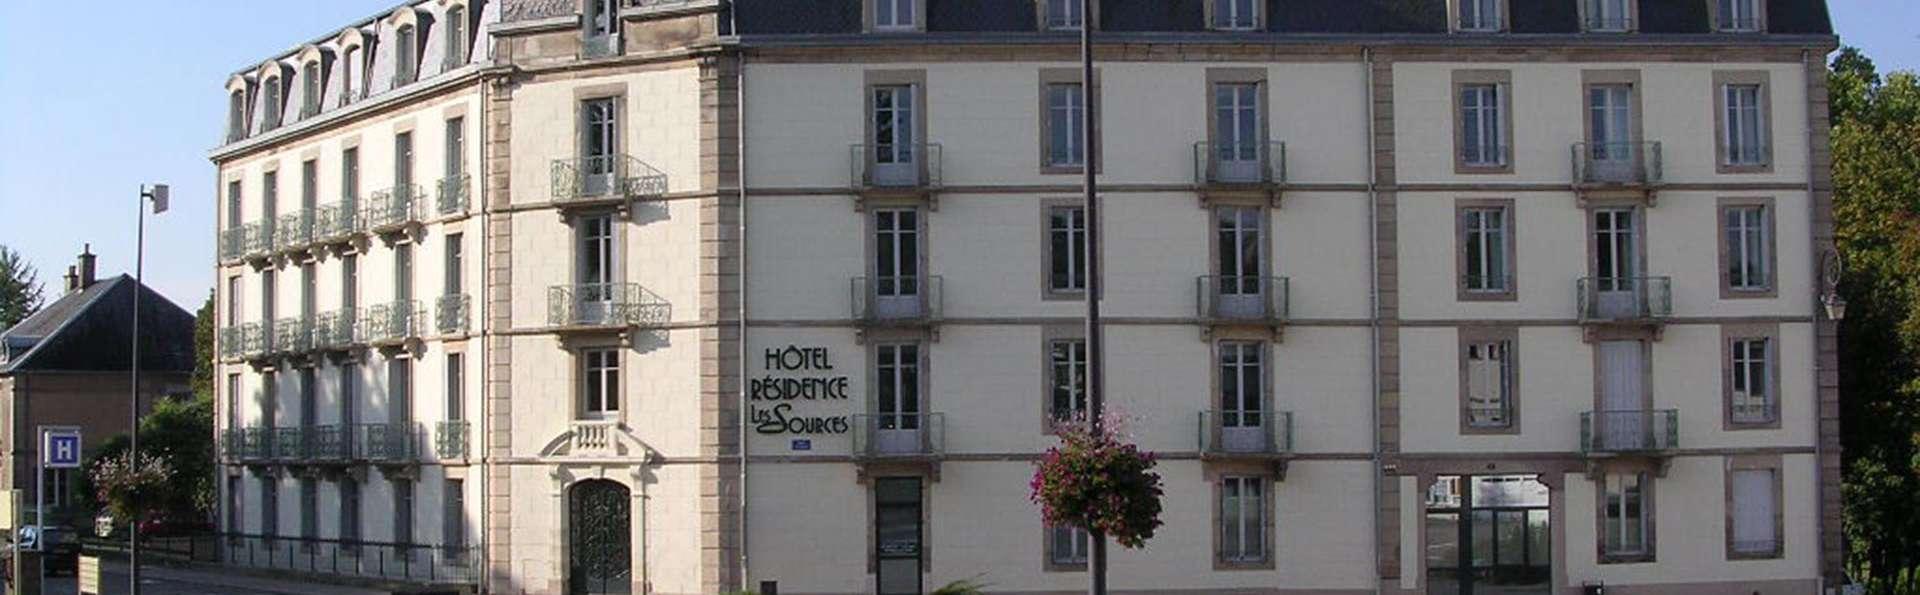 Hôtel Résidence les Sources - Luxeuil les Bains - EDIT_front.jpg